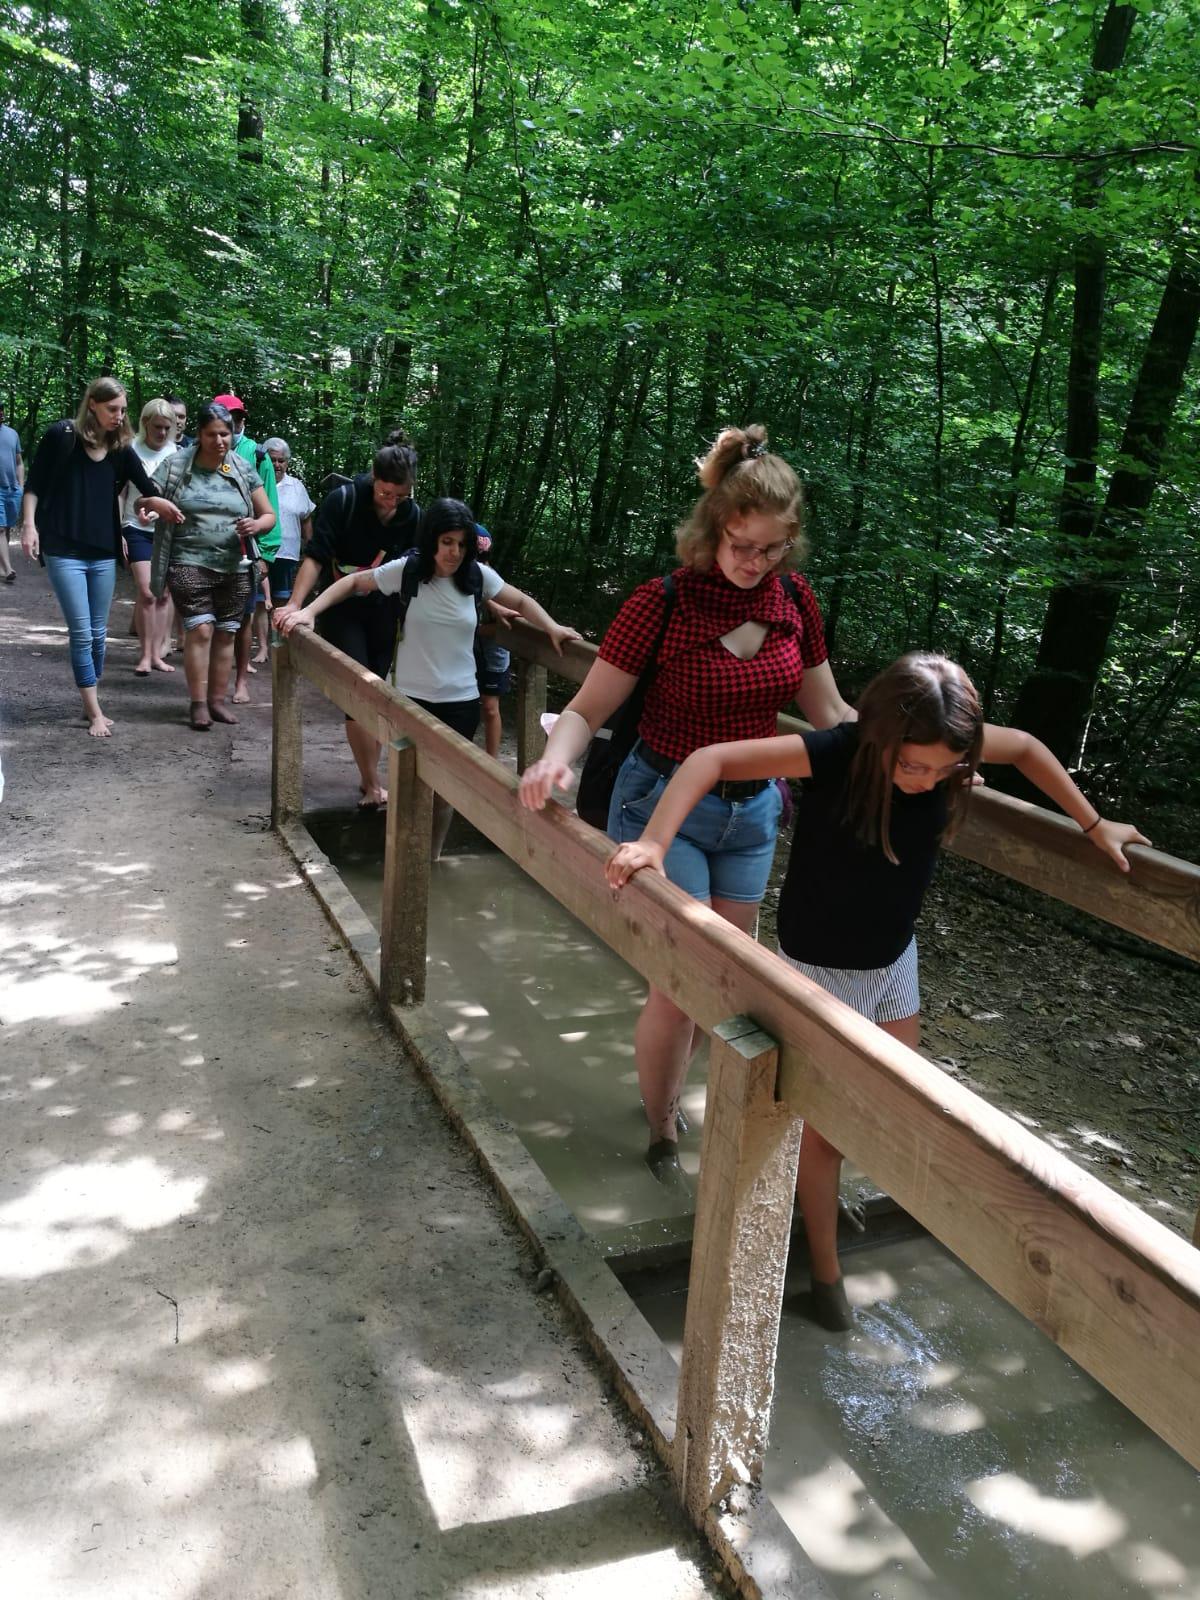 Junge Menschen gehen barfuß durch den Matsch, halten sich an einem Holzgeländer fest.